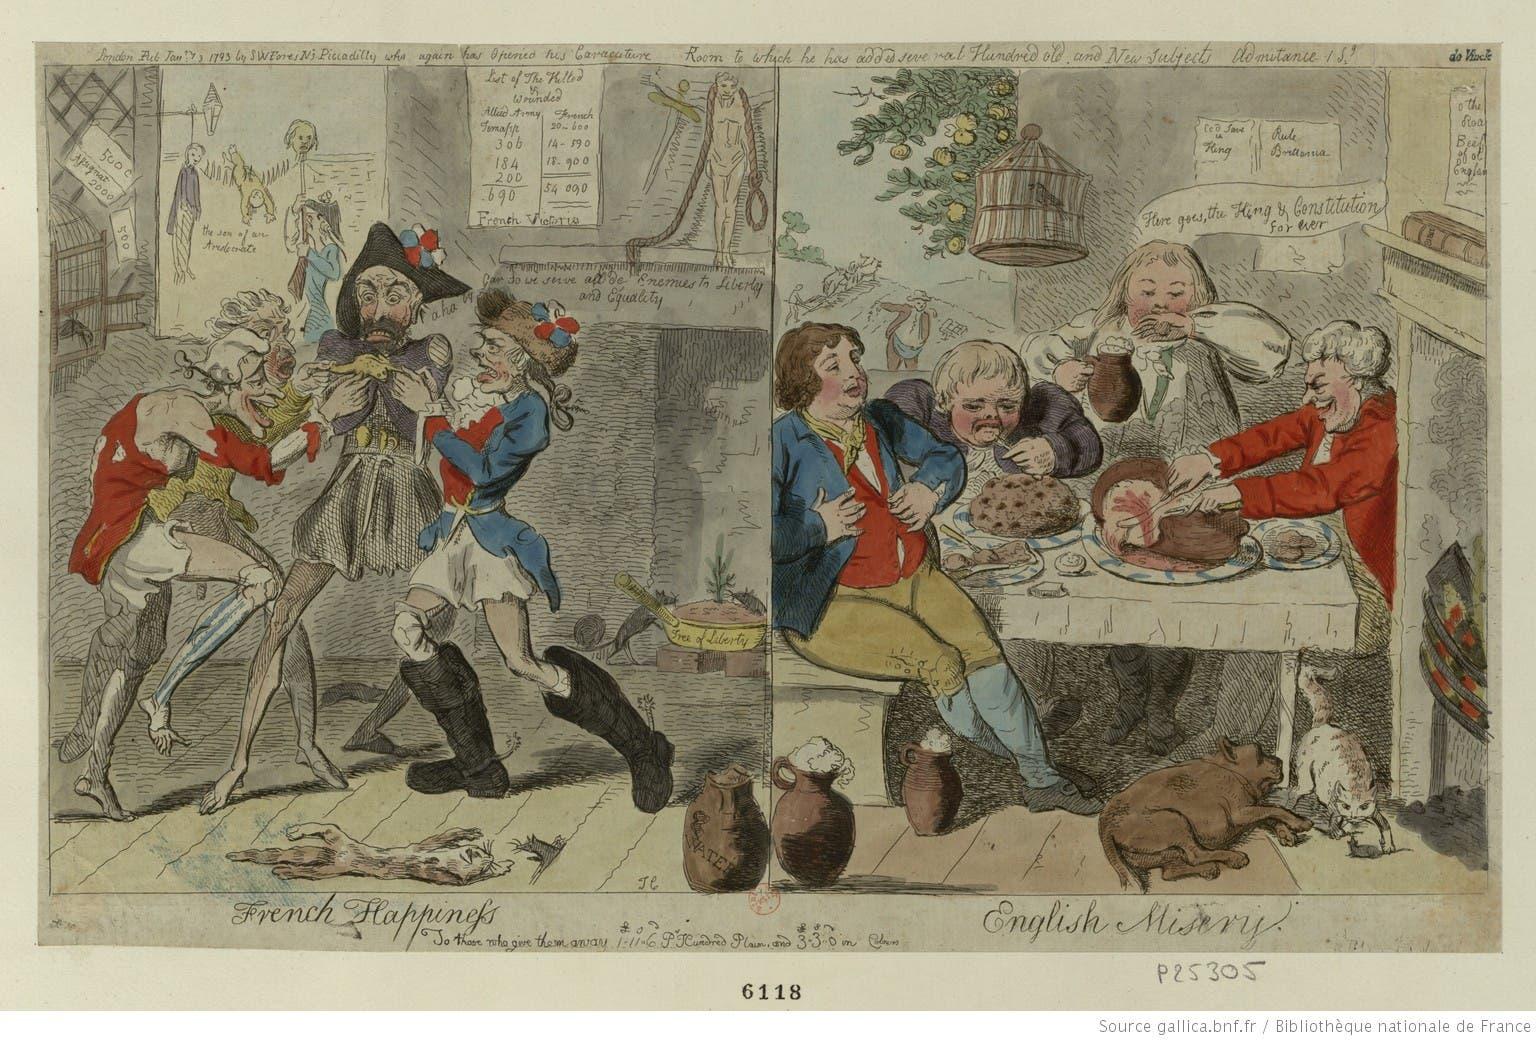 رسم كاريكاتيري ساخر حول معاناة الفرنسيين من المجاعة قبل الثورة